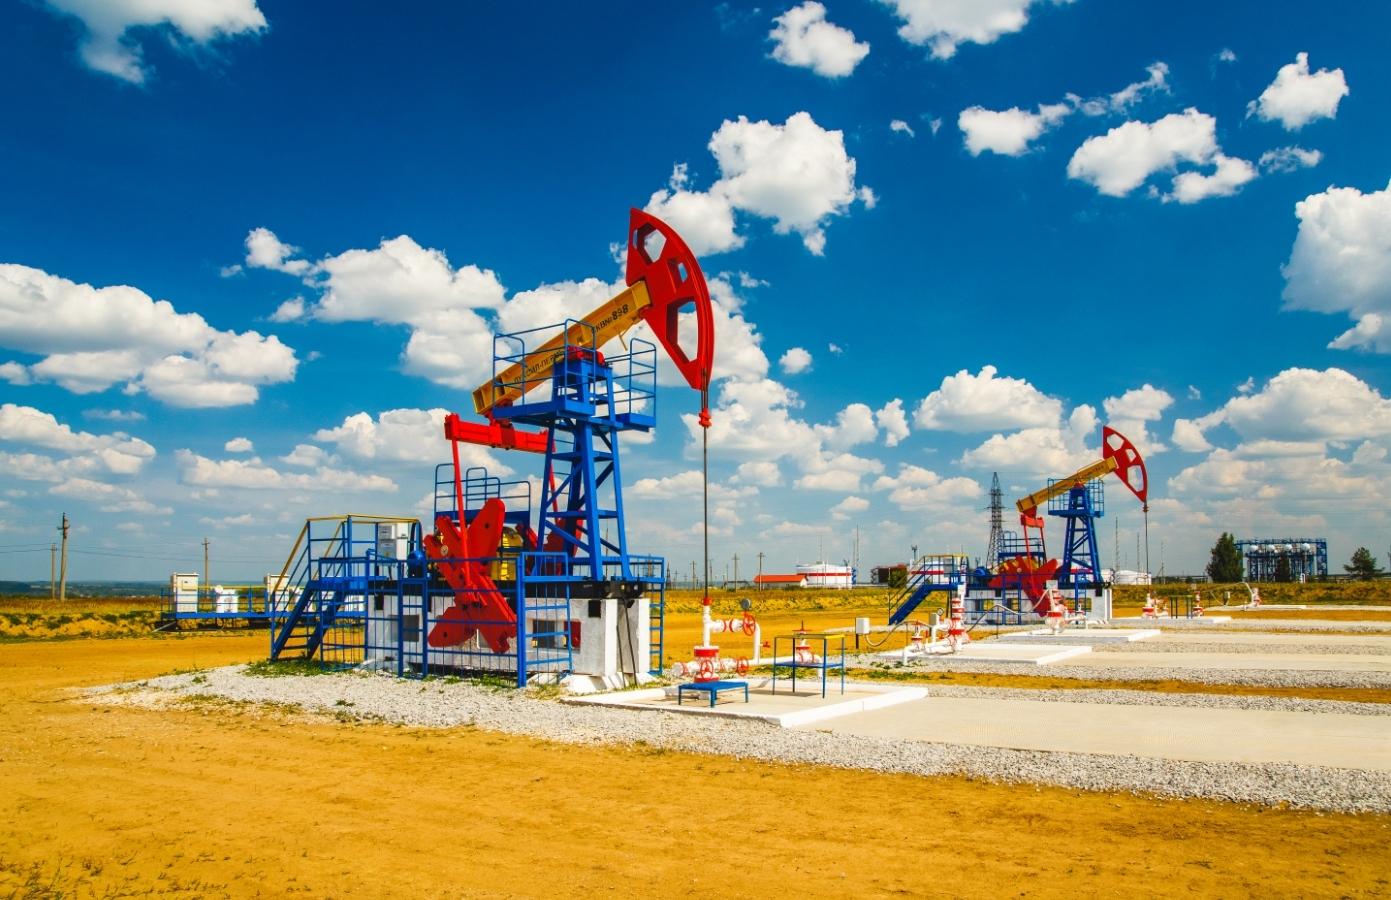 Машины и оборудование нефтяных и газовых промыслов